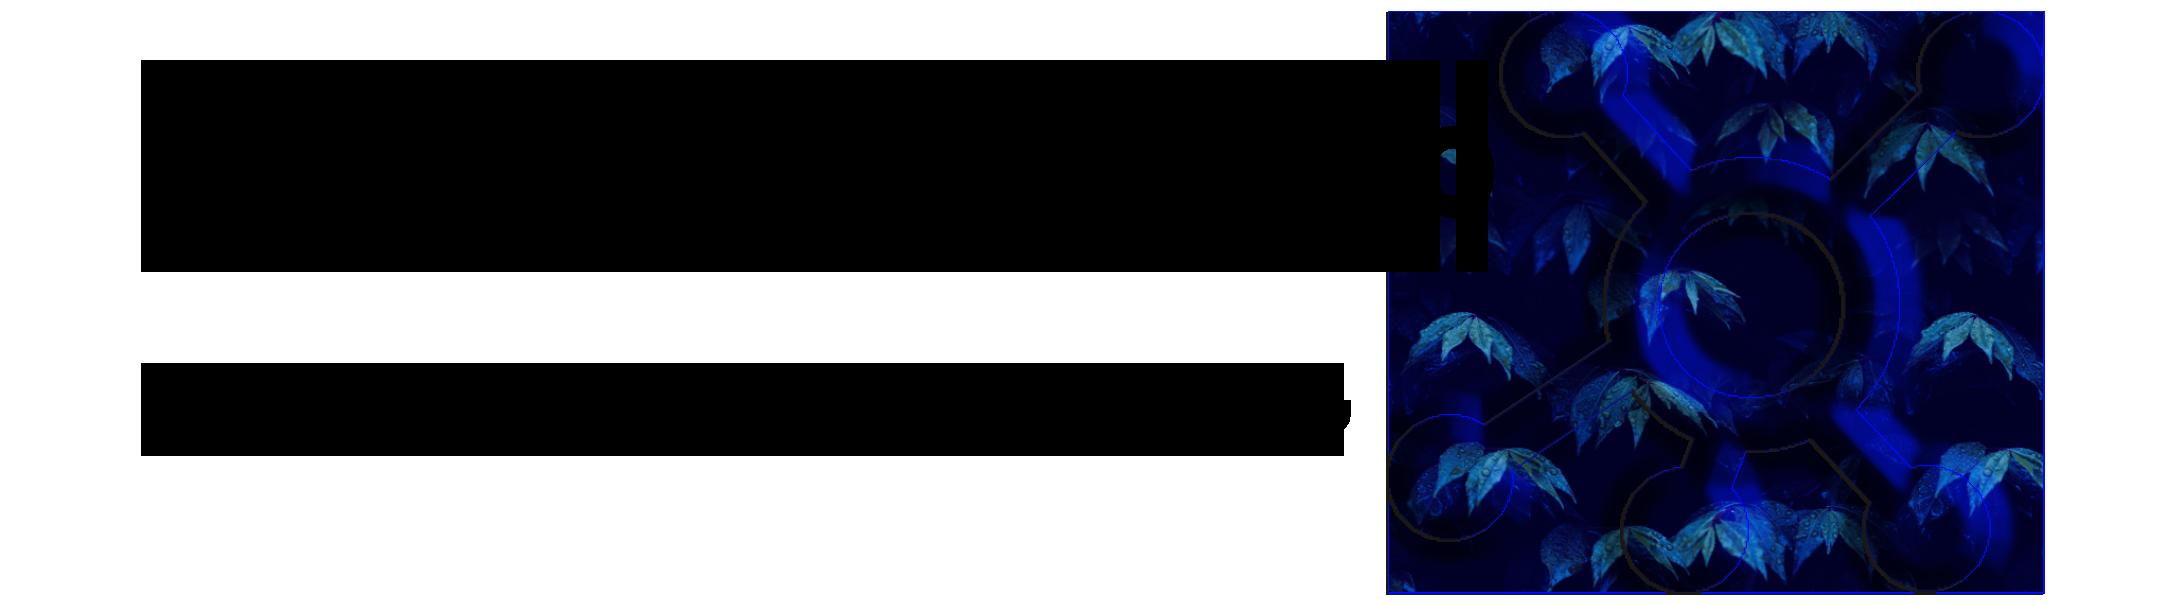 logo marketmlm22 1